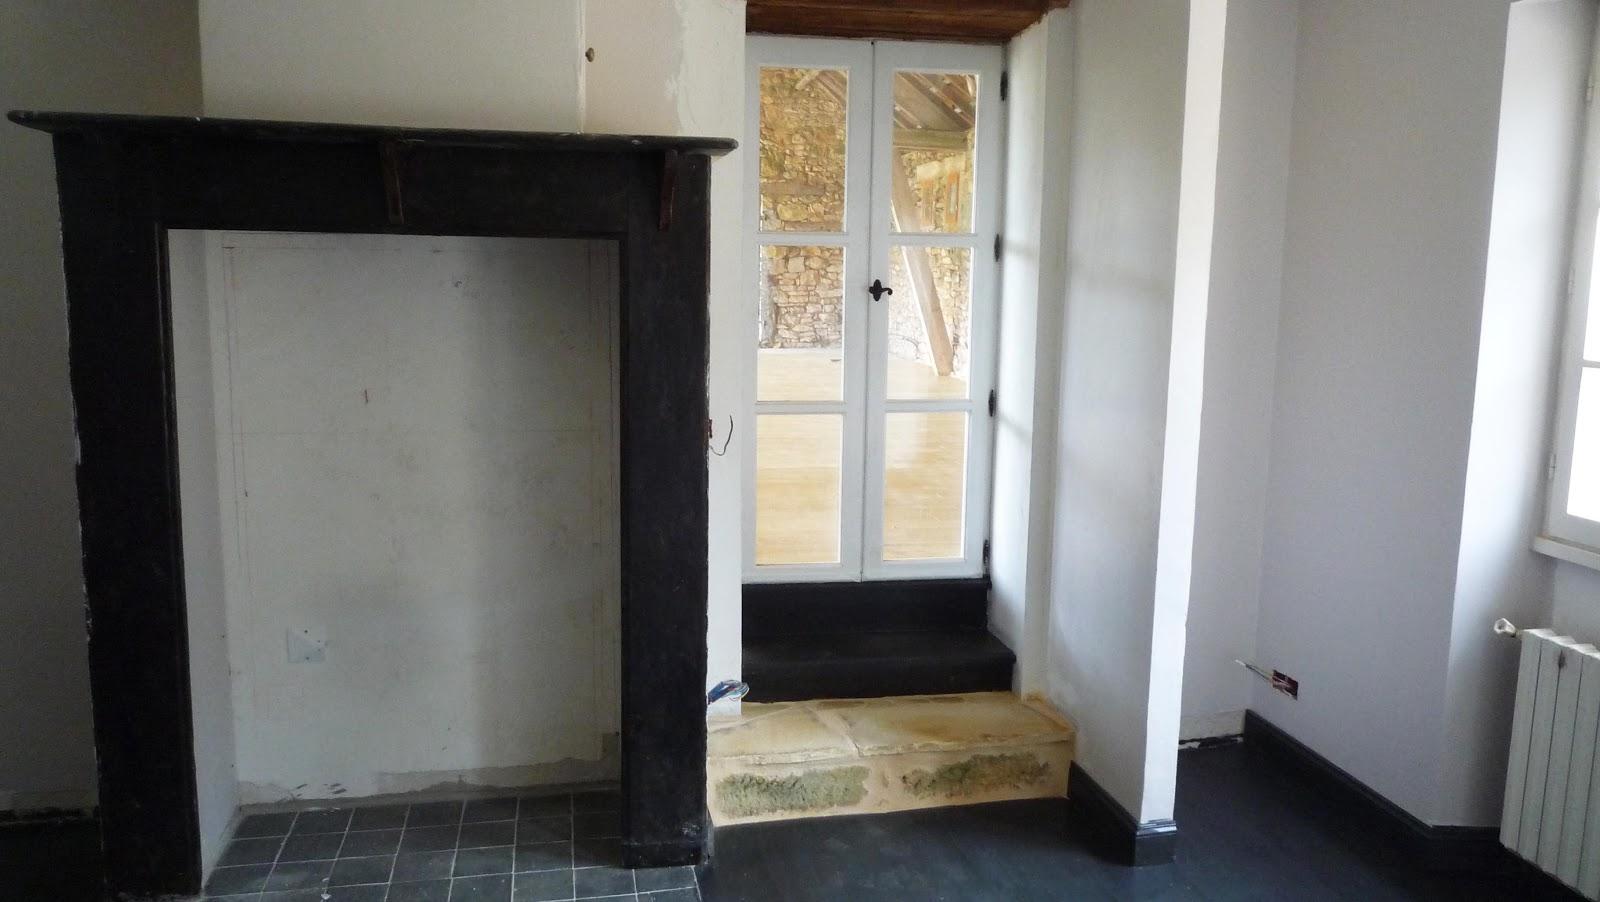 Marktplaats Keuken Compleet : Nep schouw maken u2013 verwarming van het huis met brandhout